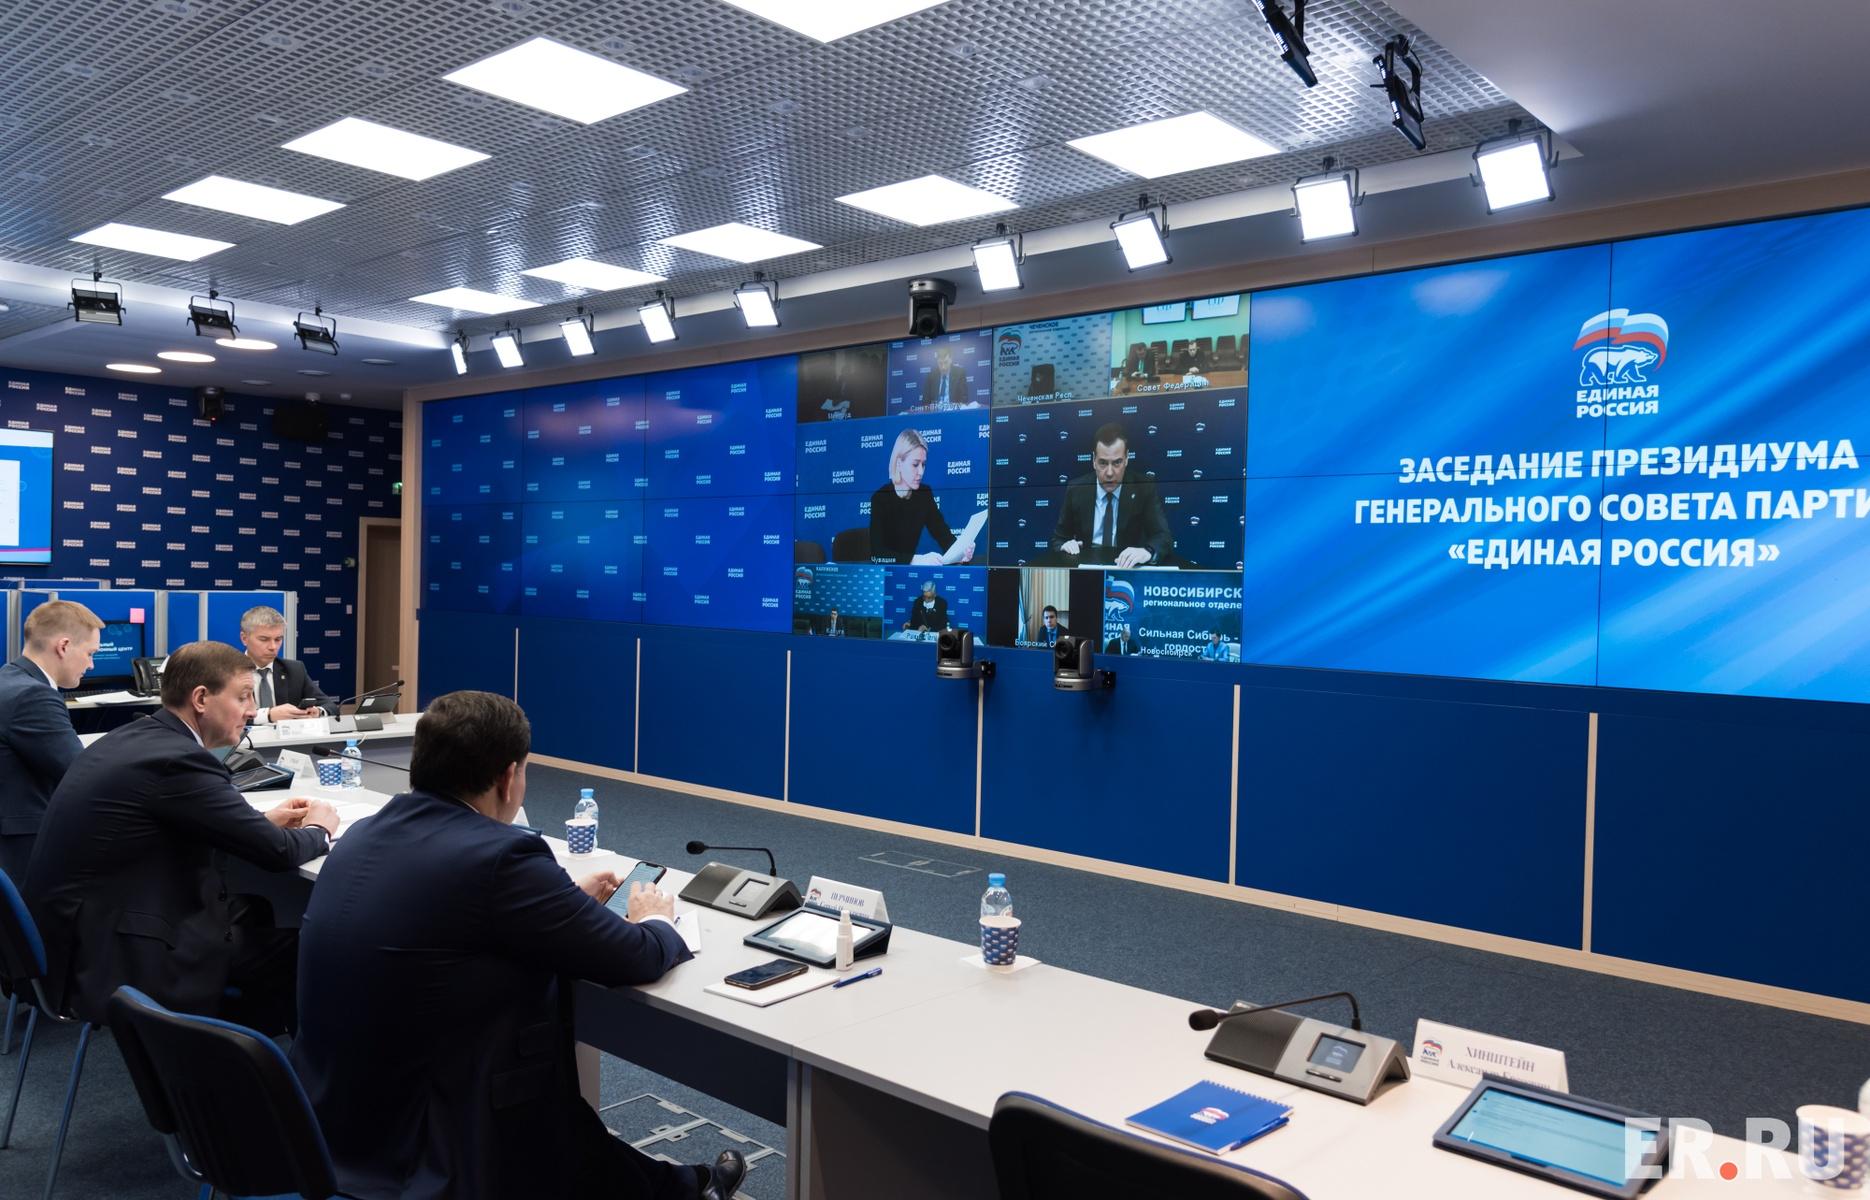 Дмитрий Медведев провел онлайн-заседание Президиума Генсовета партии